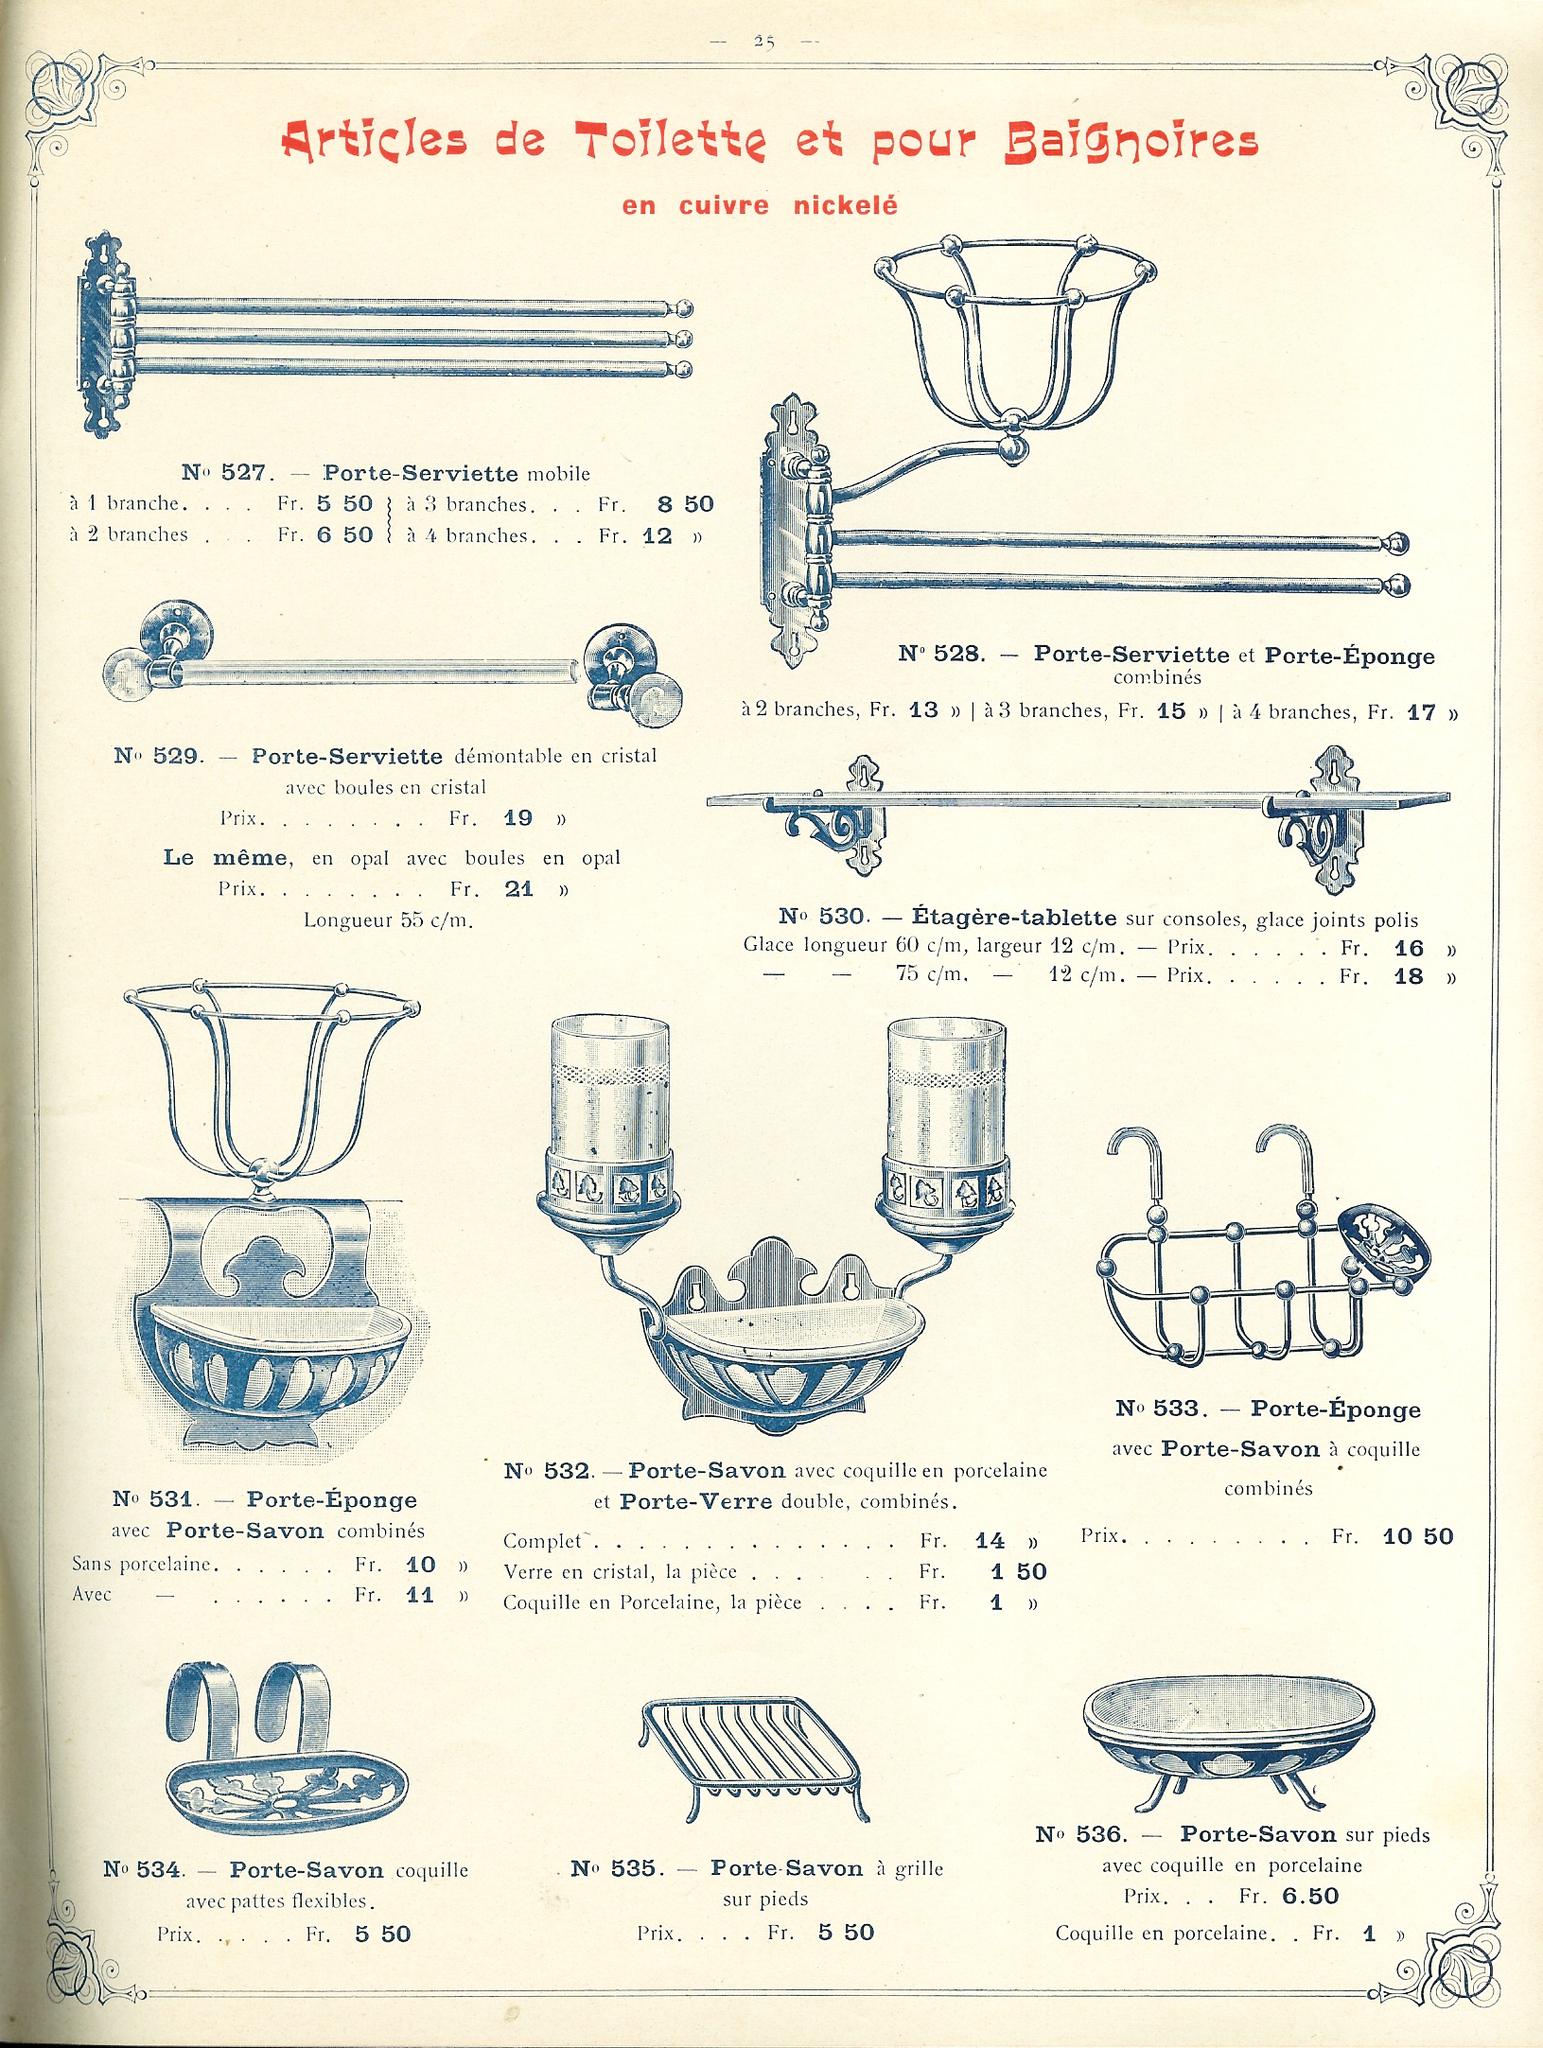 Badkamer accessoires omstreeks 1900